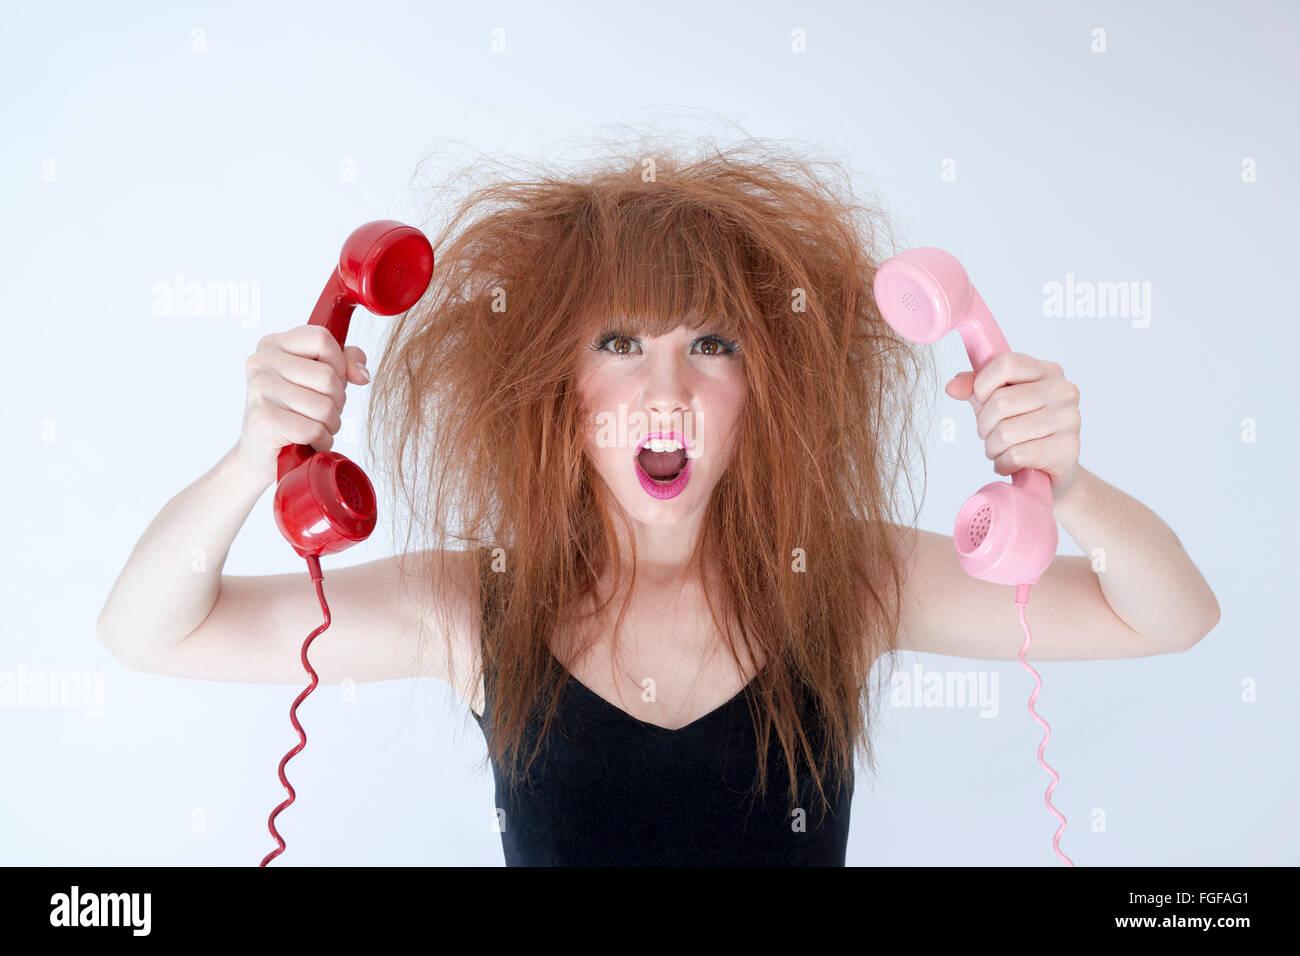 Frau mit zerzaustes Haar halten zwei Retro-Telefone schreien Stockbild